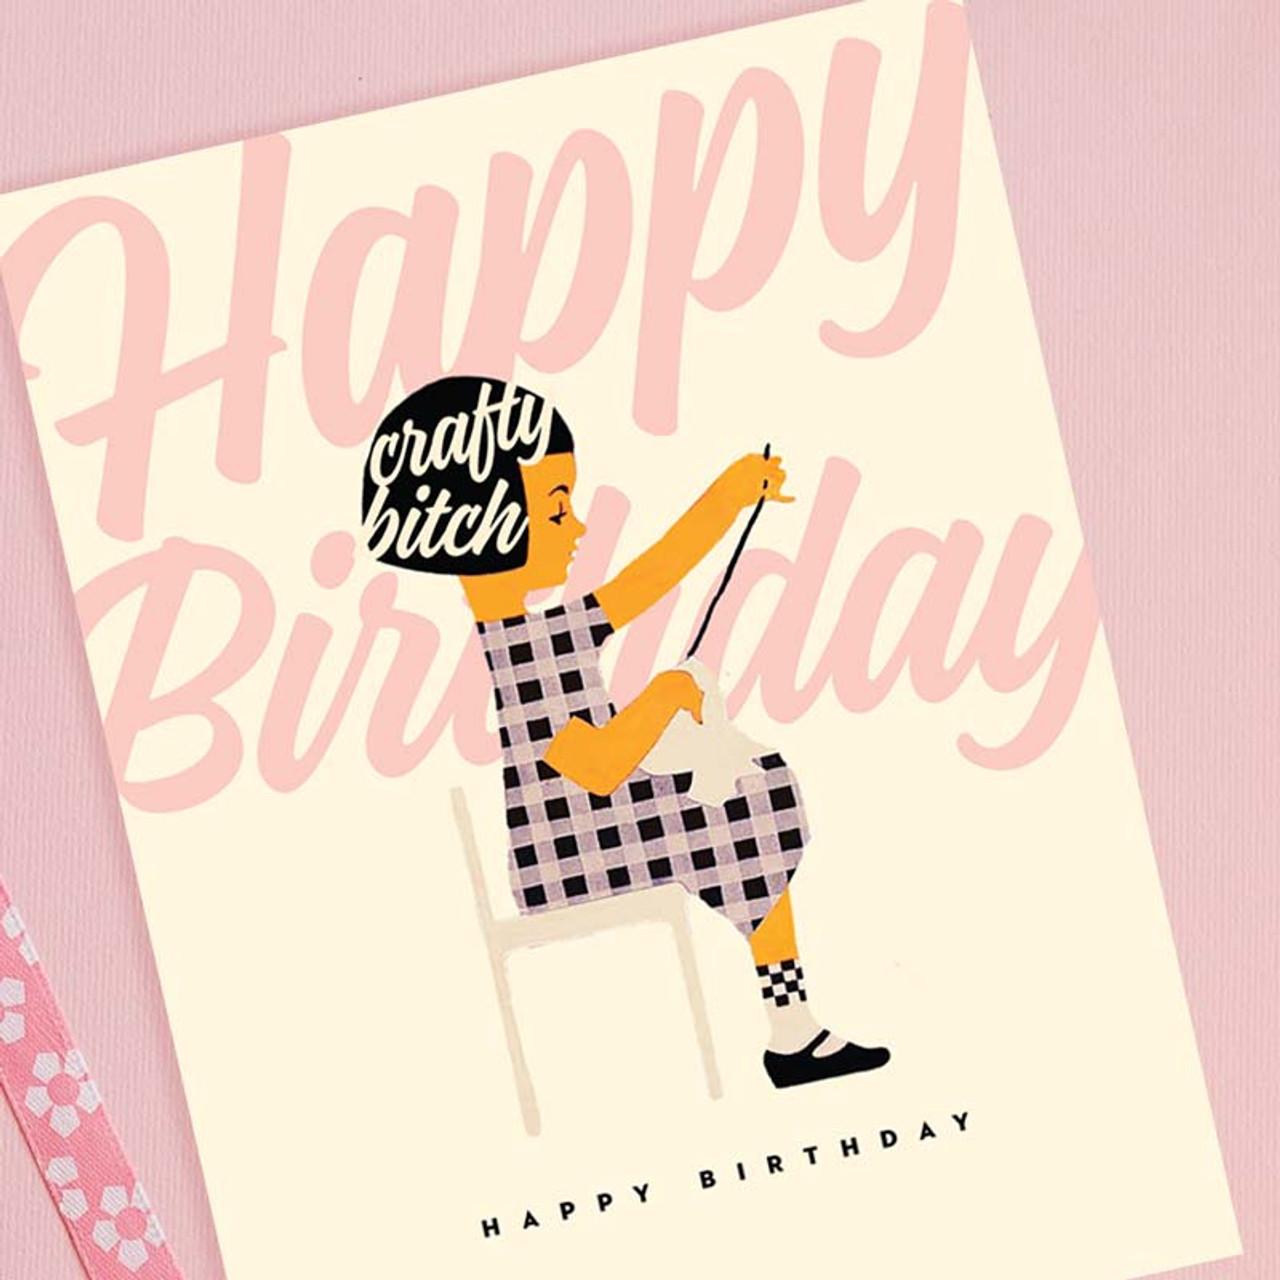 Fun and Retro Crafty Bitch Birthday Card